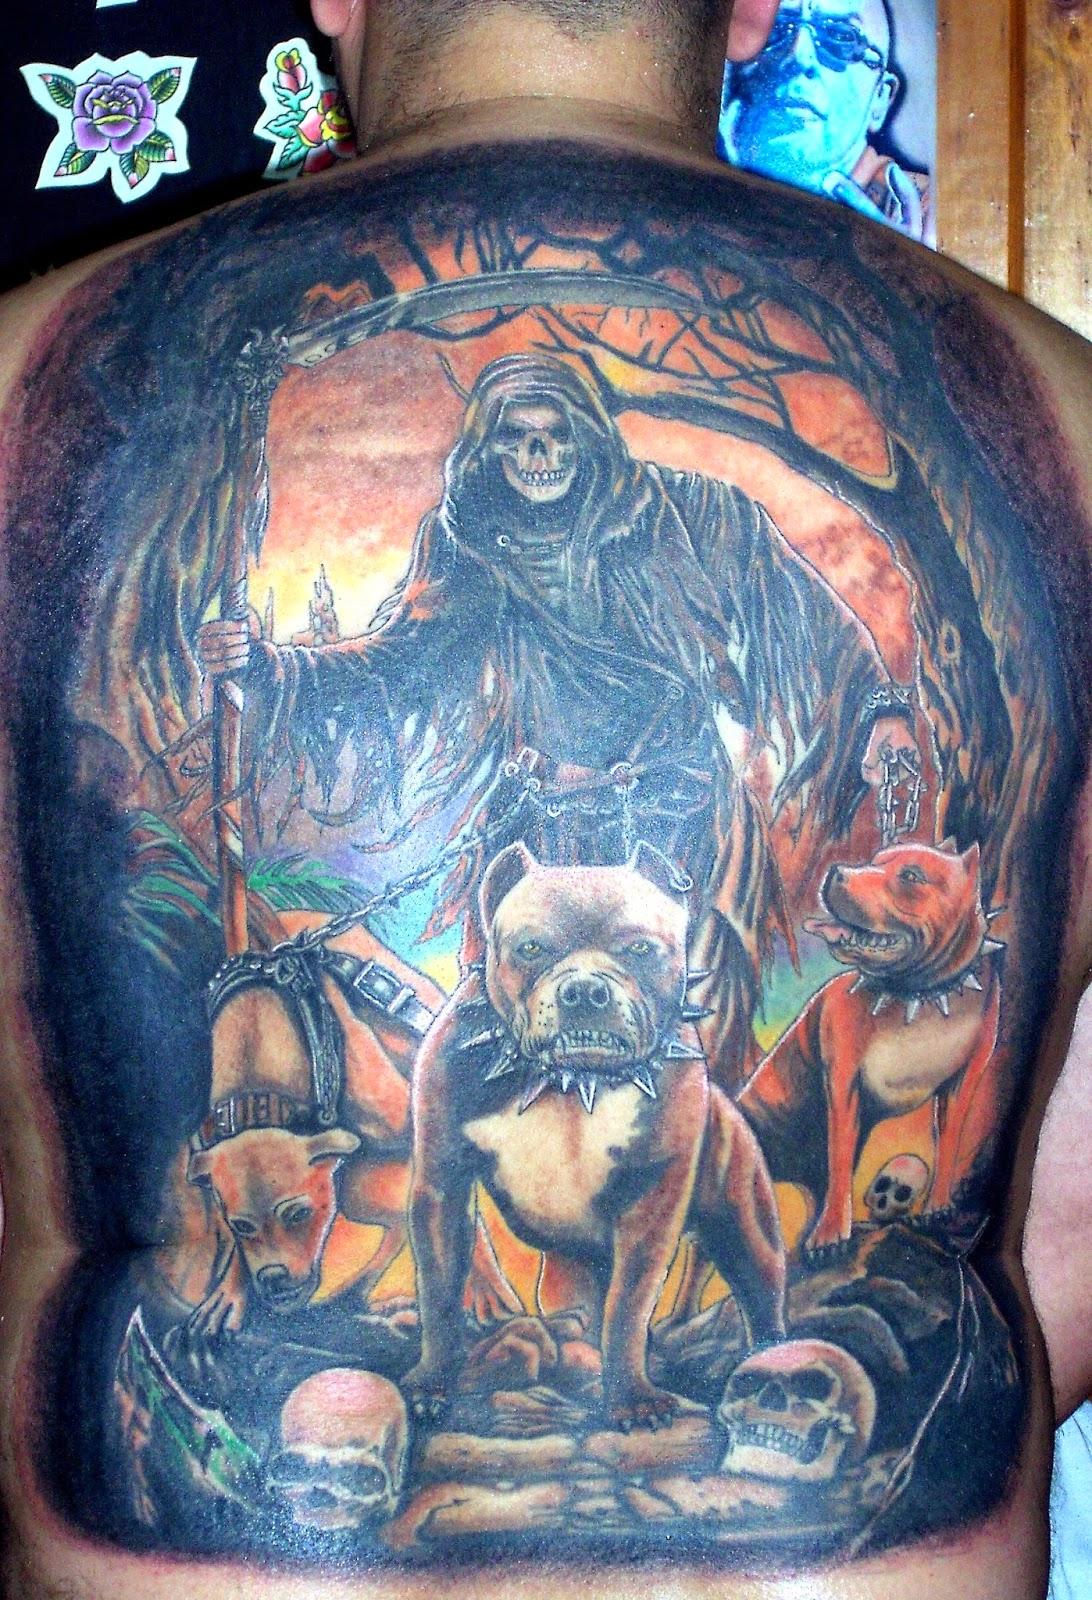 Imagenes santa muerte tatuajes galerie tatouage - Santa muerte tatouage signification ...